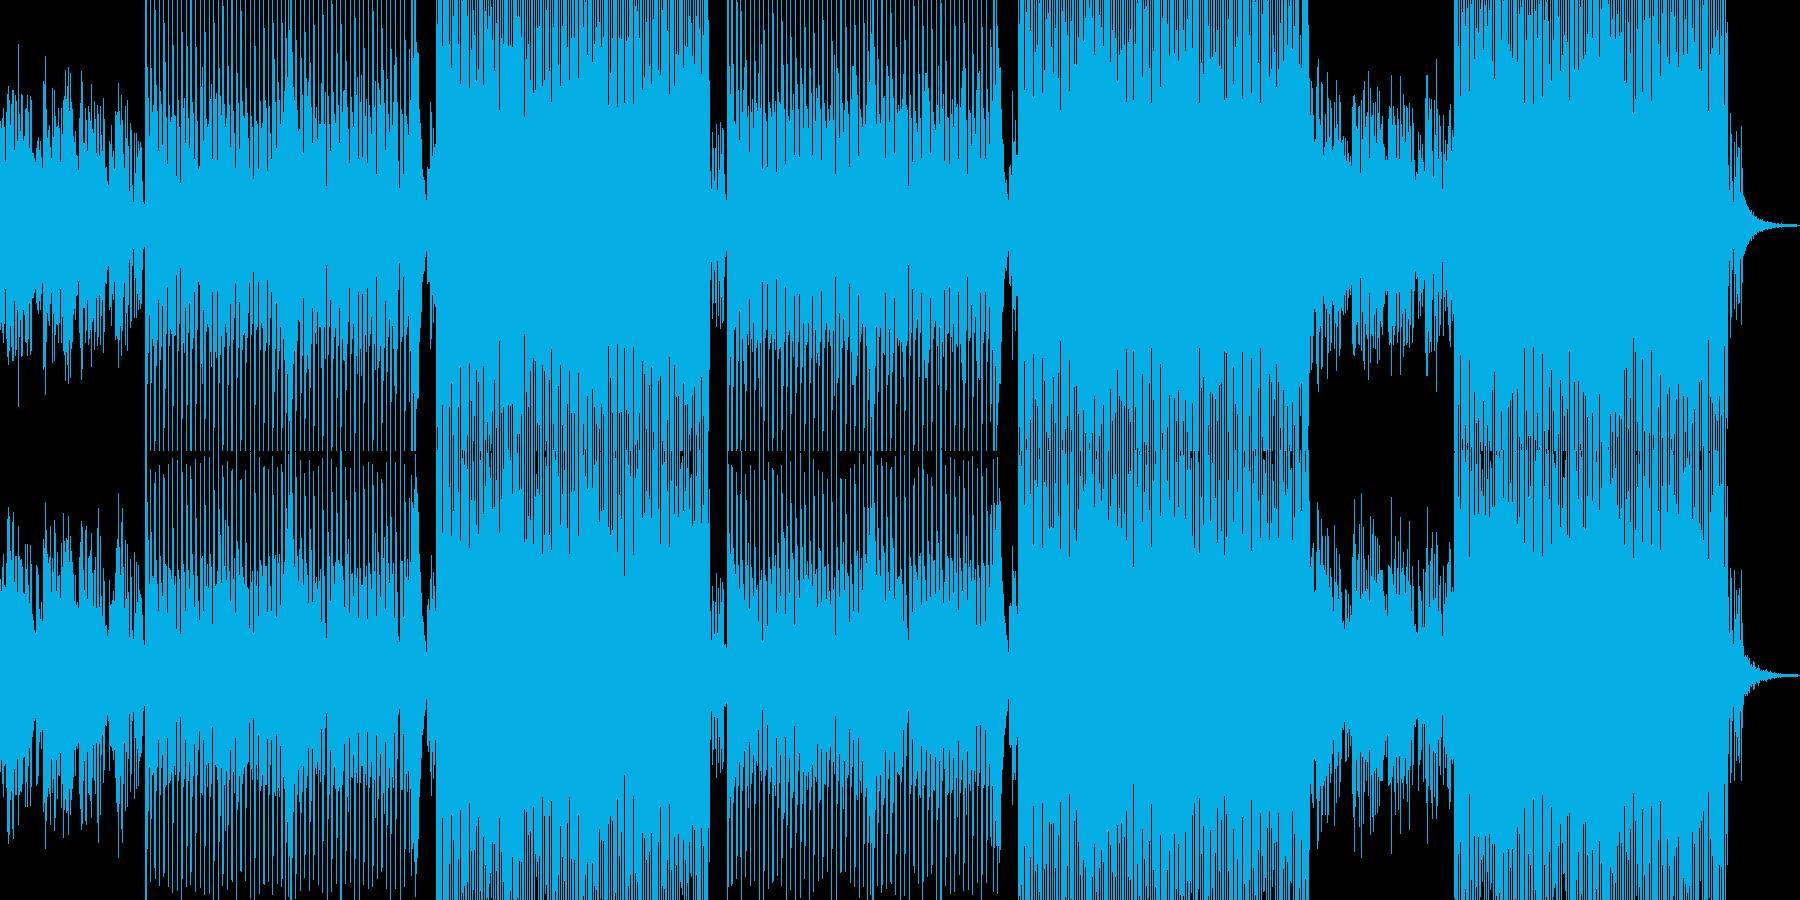 夏/海/浜辺が似合うトロピカルなBGMの再生済みの波形